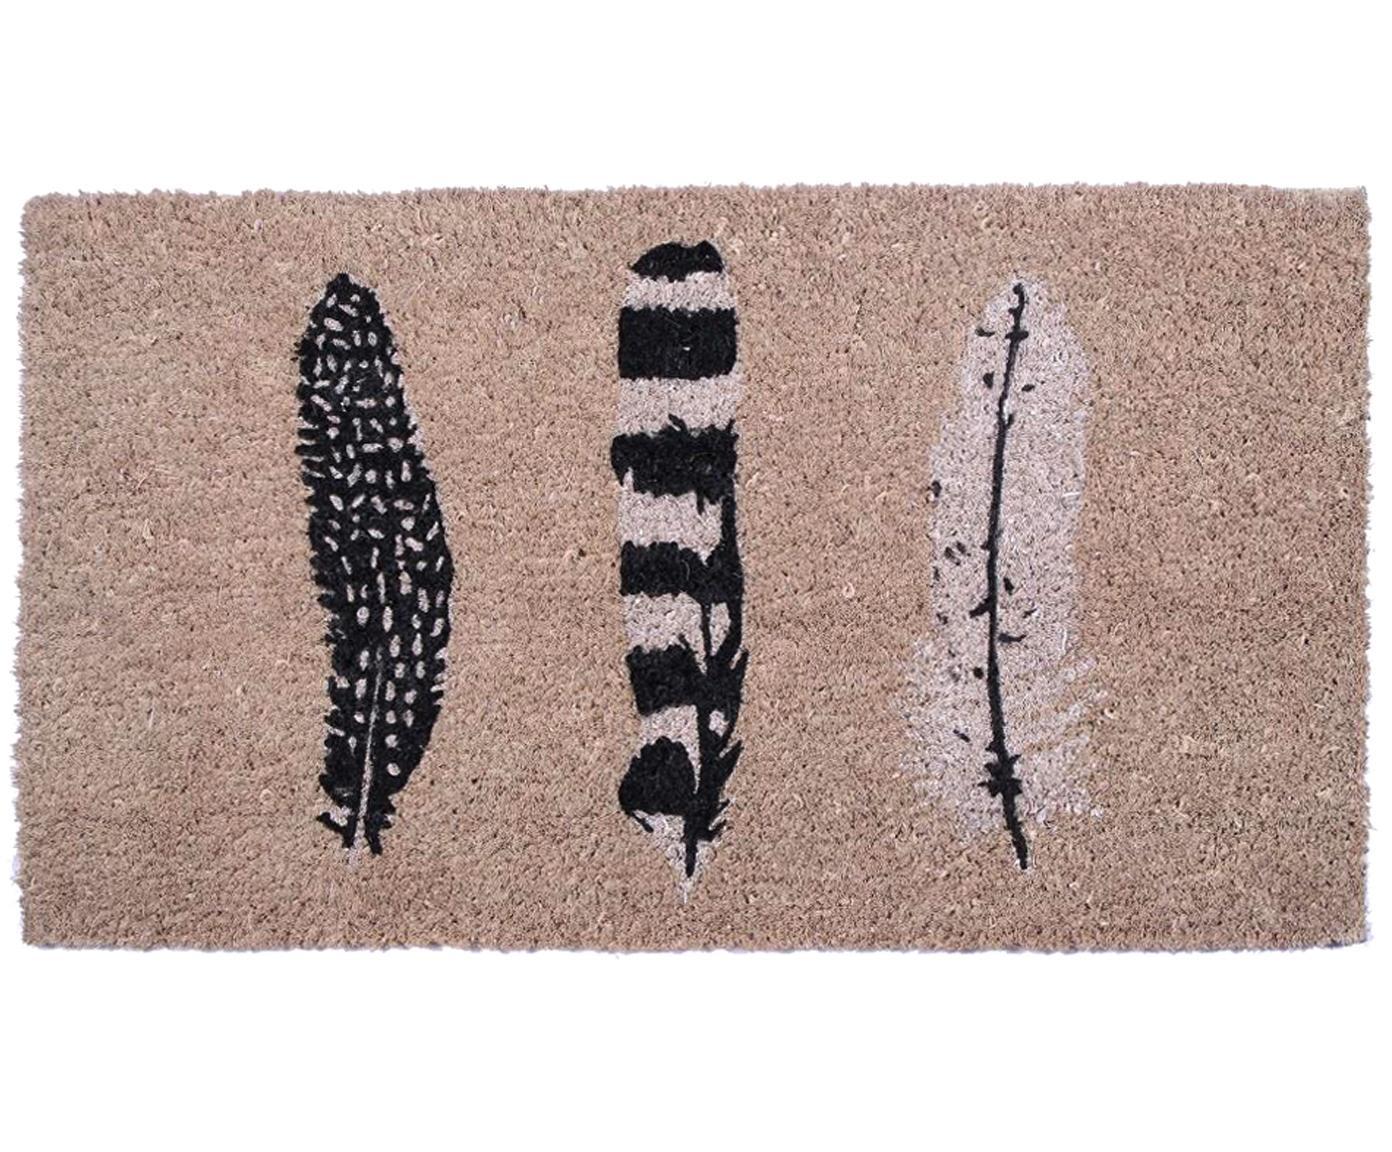 Fußmatte Feathers, Oberseite: Kokosfaser, Unterseite: PVC, Beige, Schwarz, Weiß, 40 x 70 cm